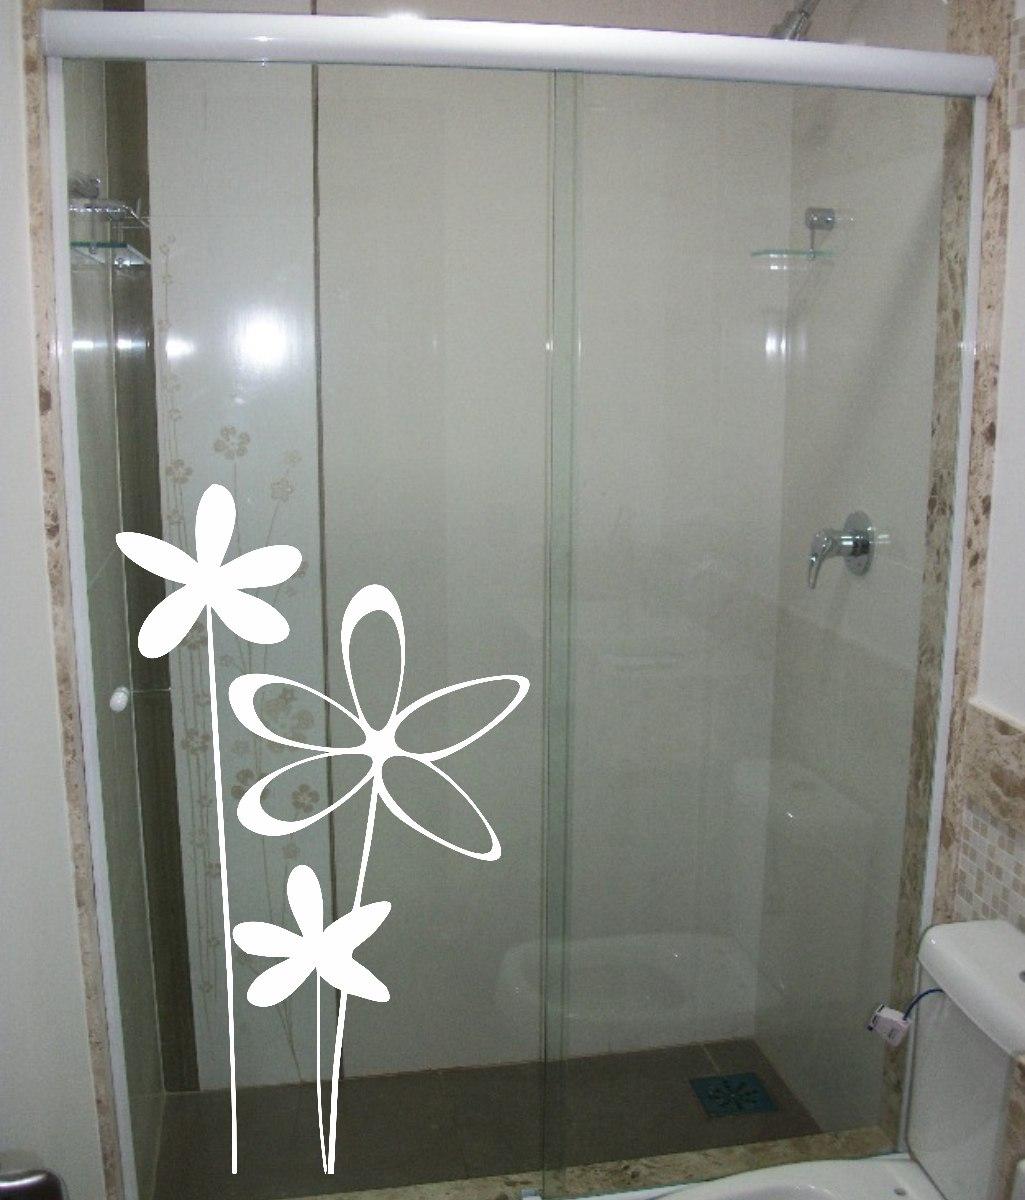 Tuca Artesanato Resende Costa ~ Adesivo Decorativo Parede Box Vidro Banheiro Flor Floral R$ 21,99 em Mercado Livre